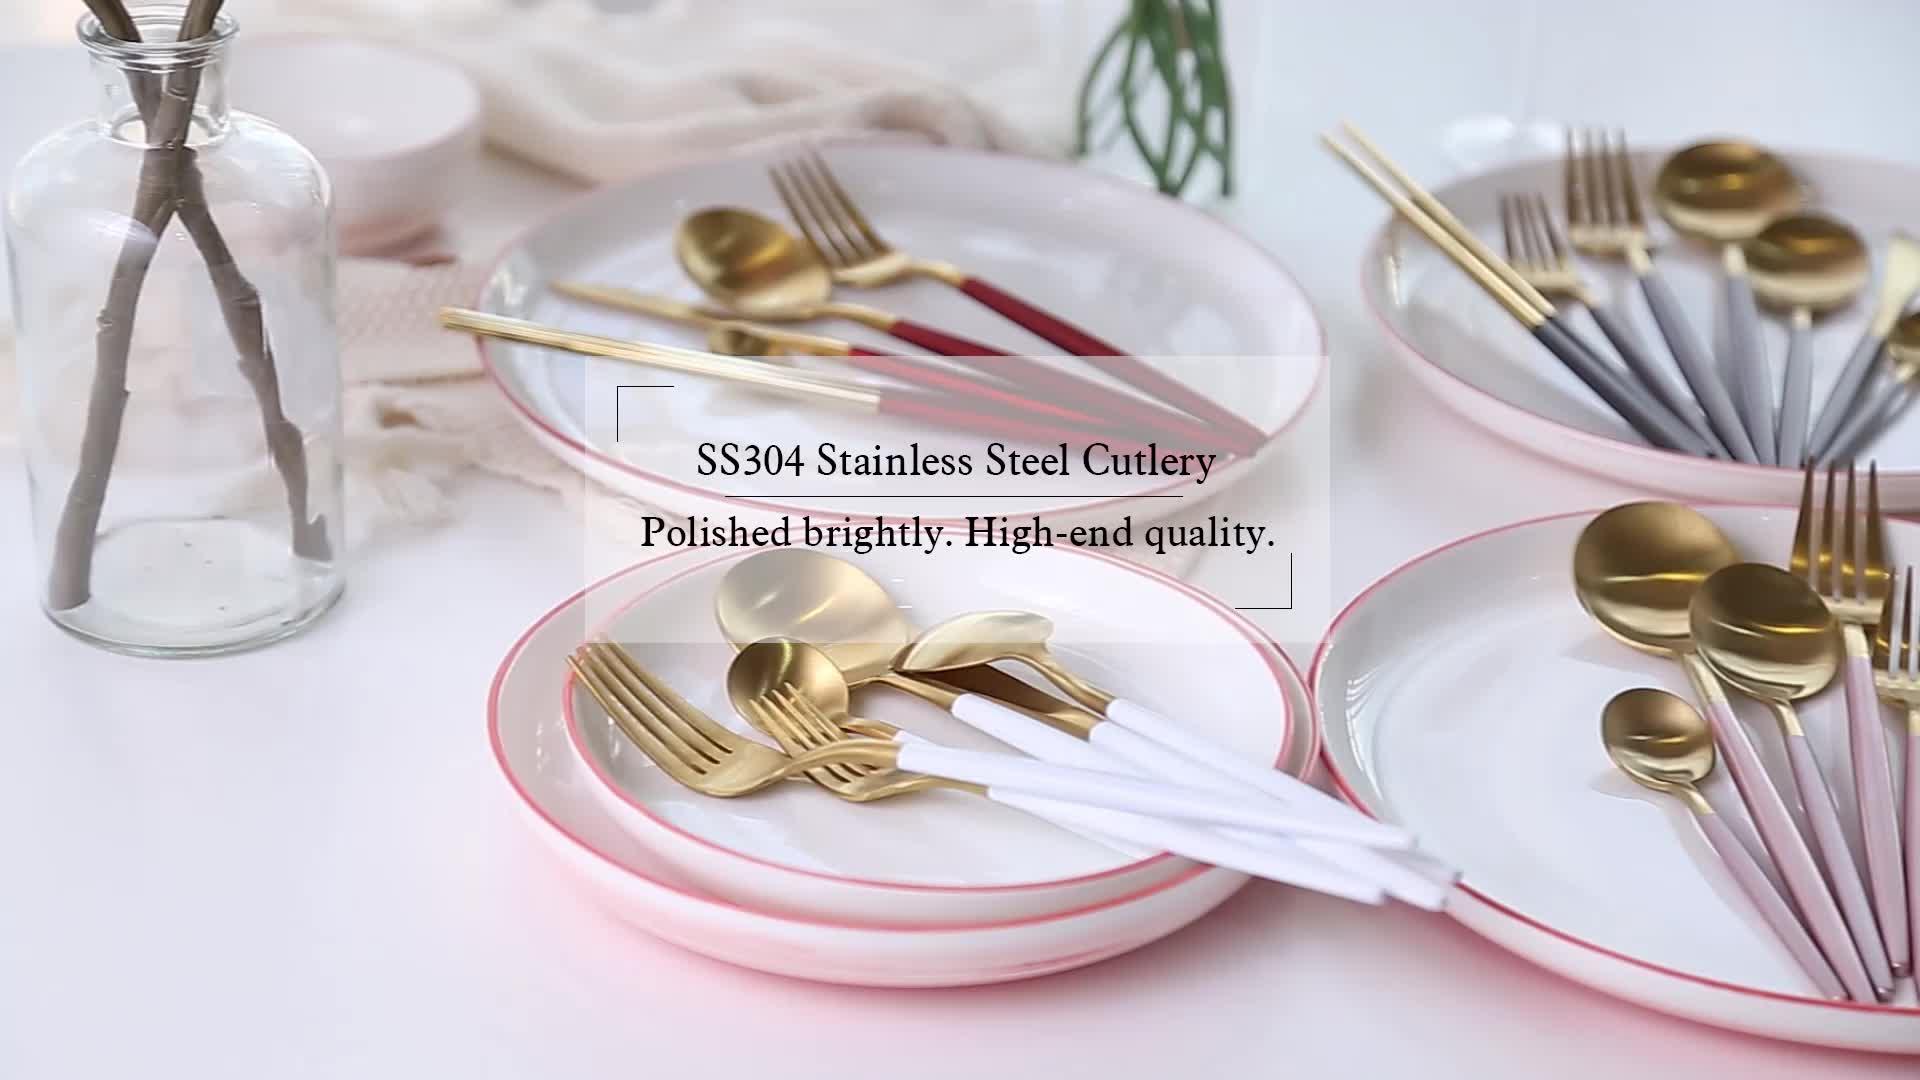 Jieyang luxury elegant 18/10 silverware stainless steel restaurant bulk flatware set custom gold plated reusable cutlery set